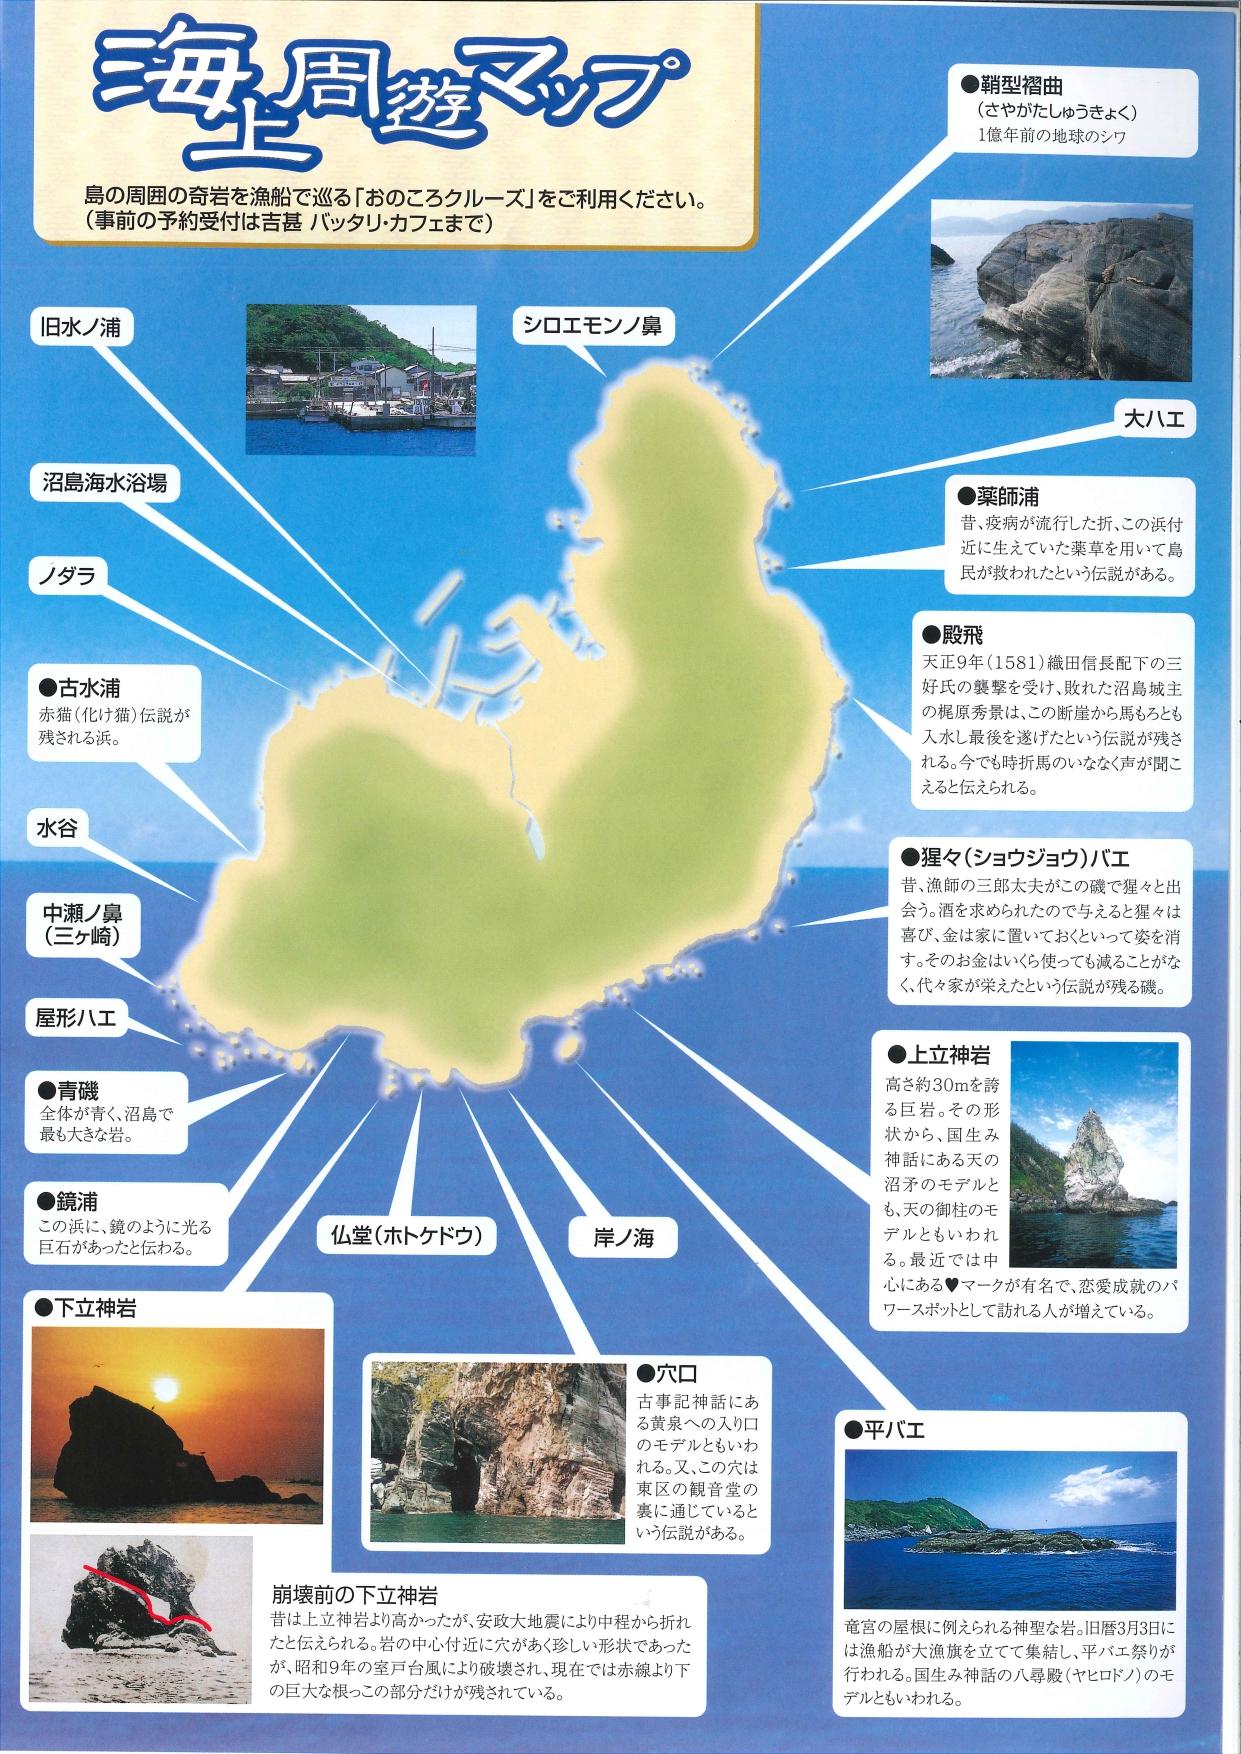 ガイドマップ2